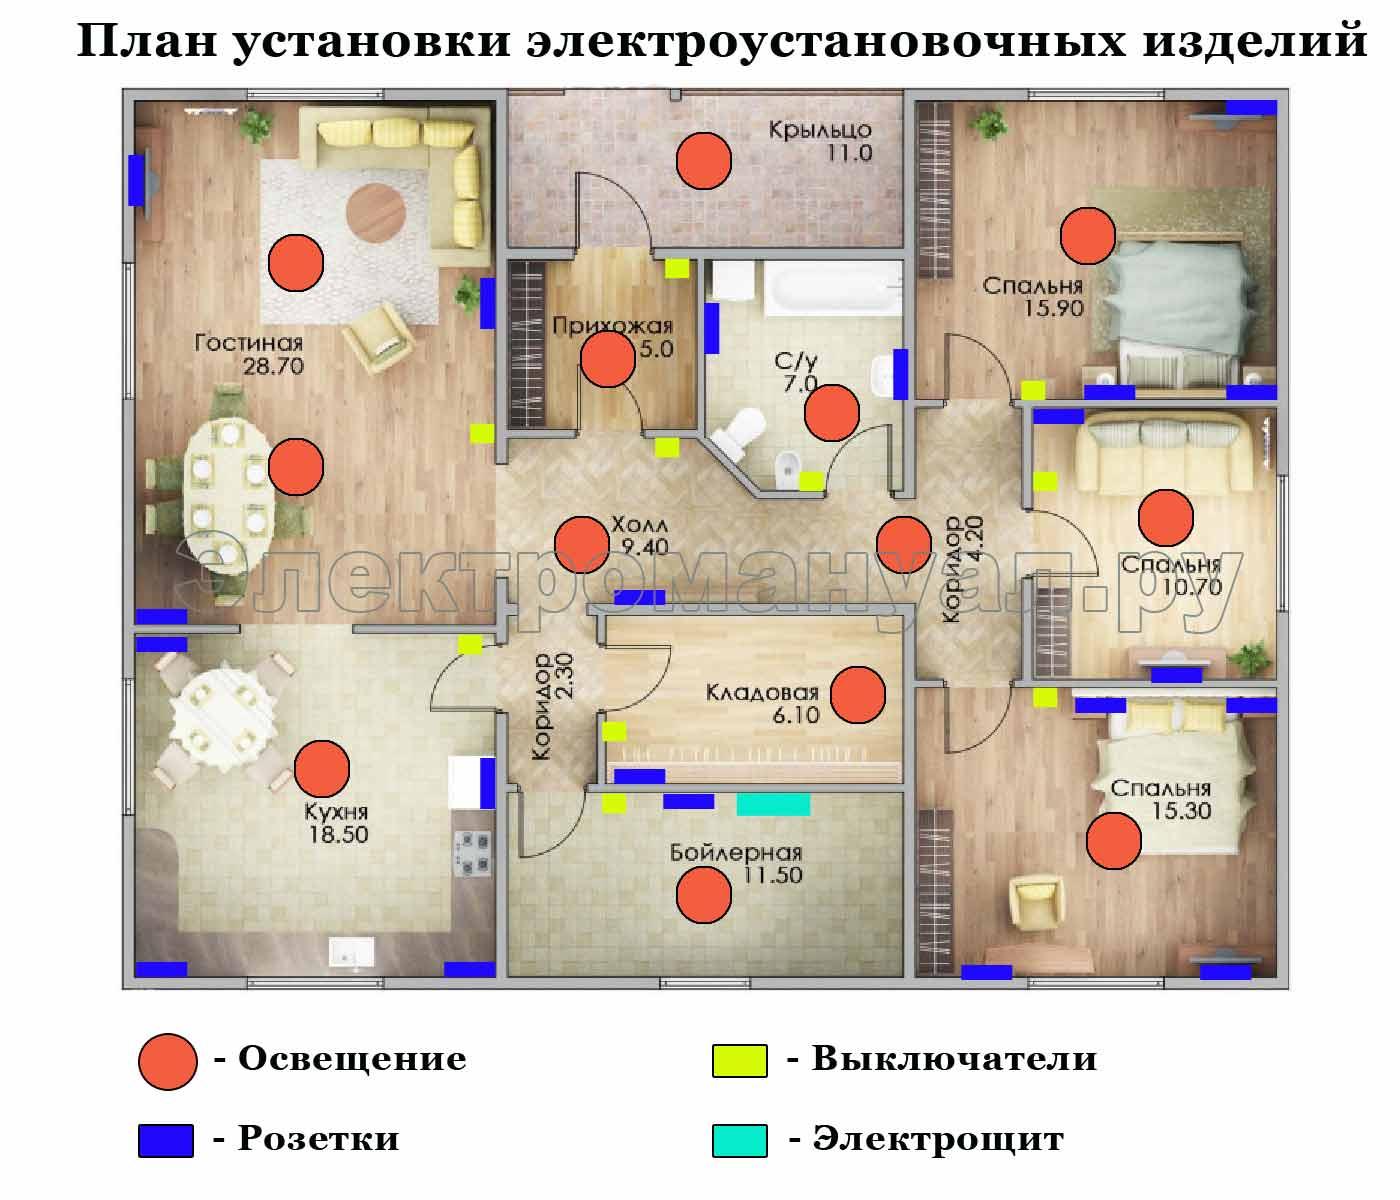 План установки розеток, выключателей.